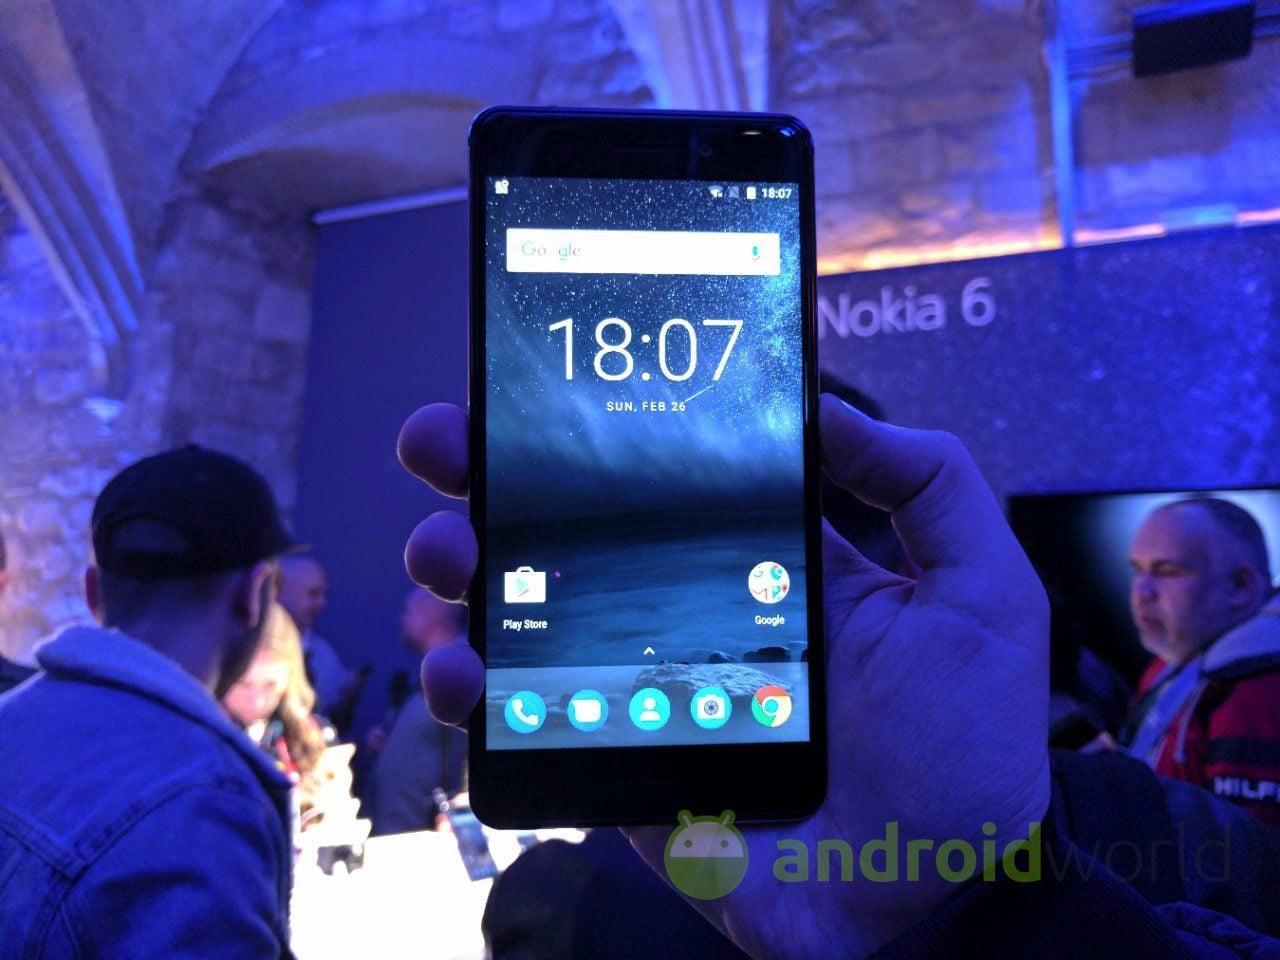 I nuovi smartphone Nokia saranno disponibili in tutto il mondo entro fine giugno (speriamo!)